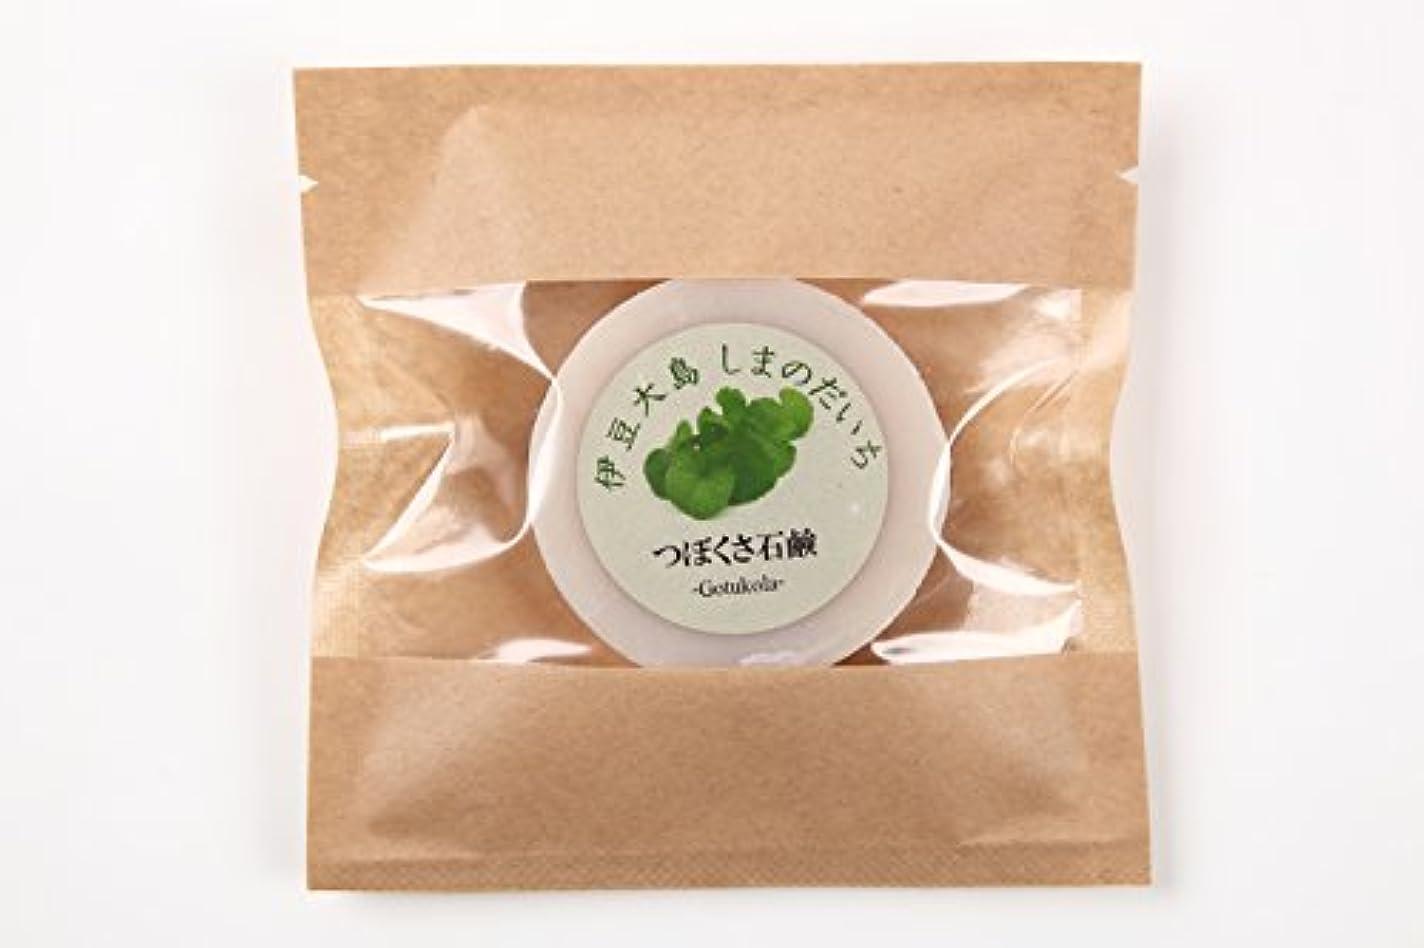 光沢隠された比類のないツボクサ(ゴツコラ)の石鹸(伊豆大島産)